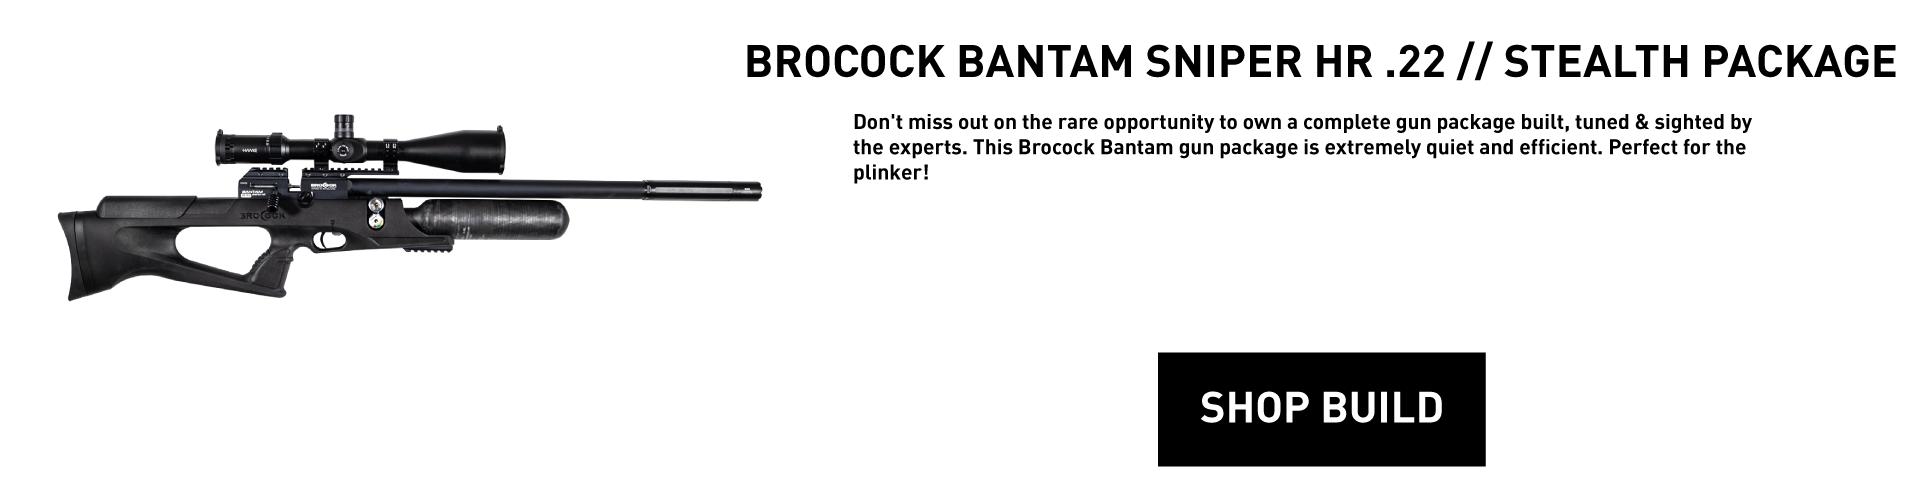 sniperbuild1.png